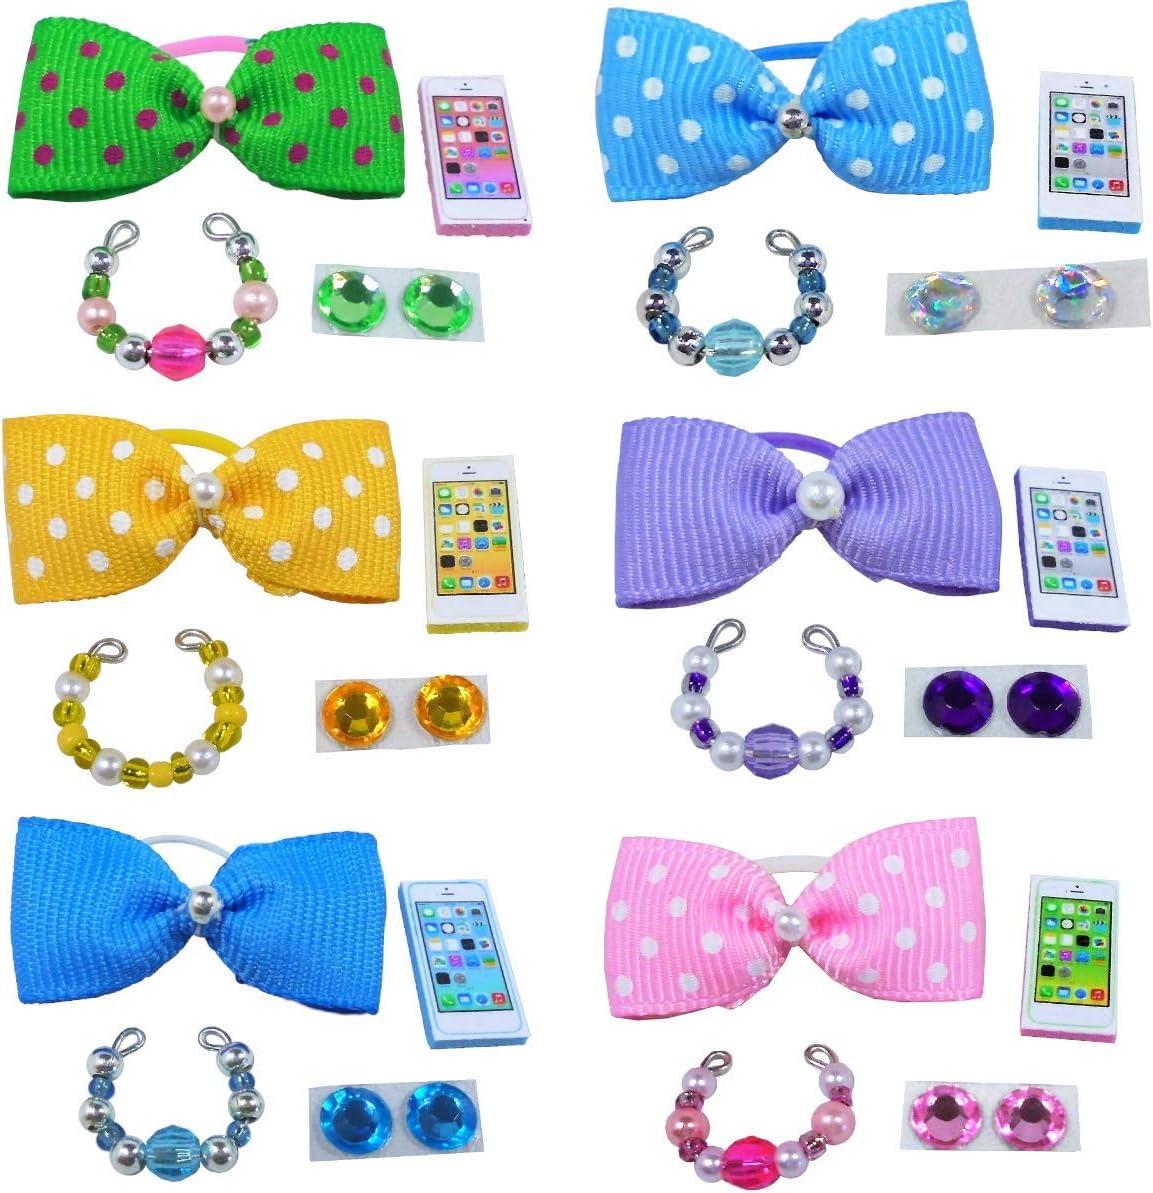 2 Tutus 2 Bows LPS Accessories Clothes Littlest Pet Shop Lot 1 Gift Bag RANDOM Set of 2 Necklaces